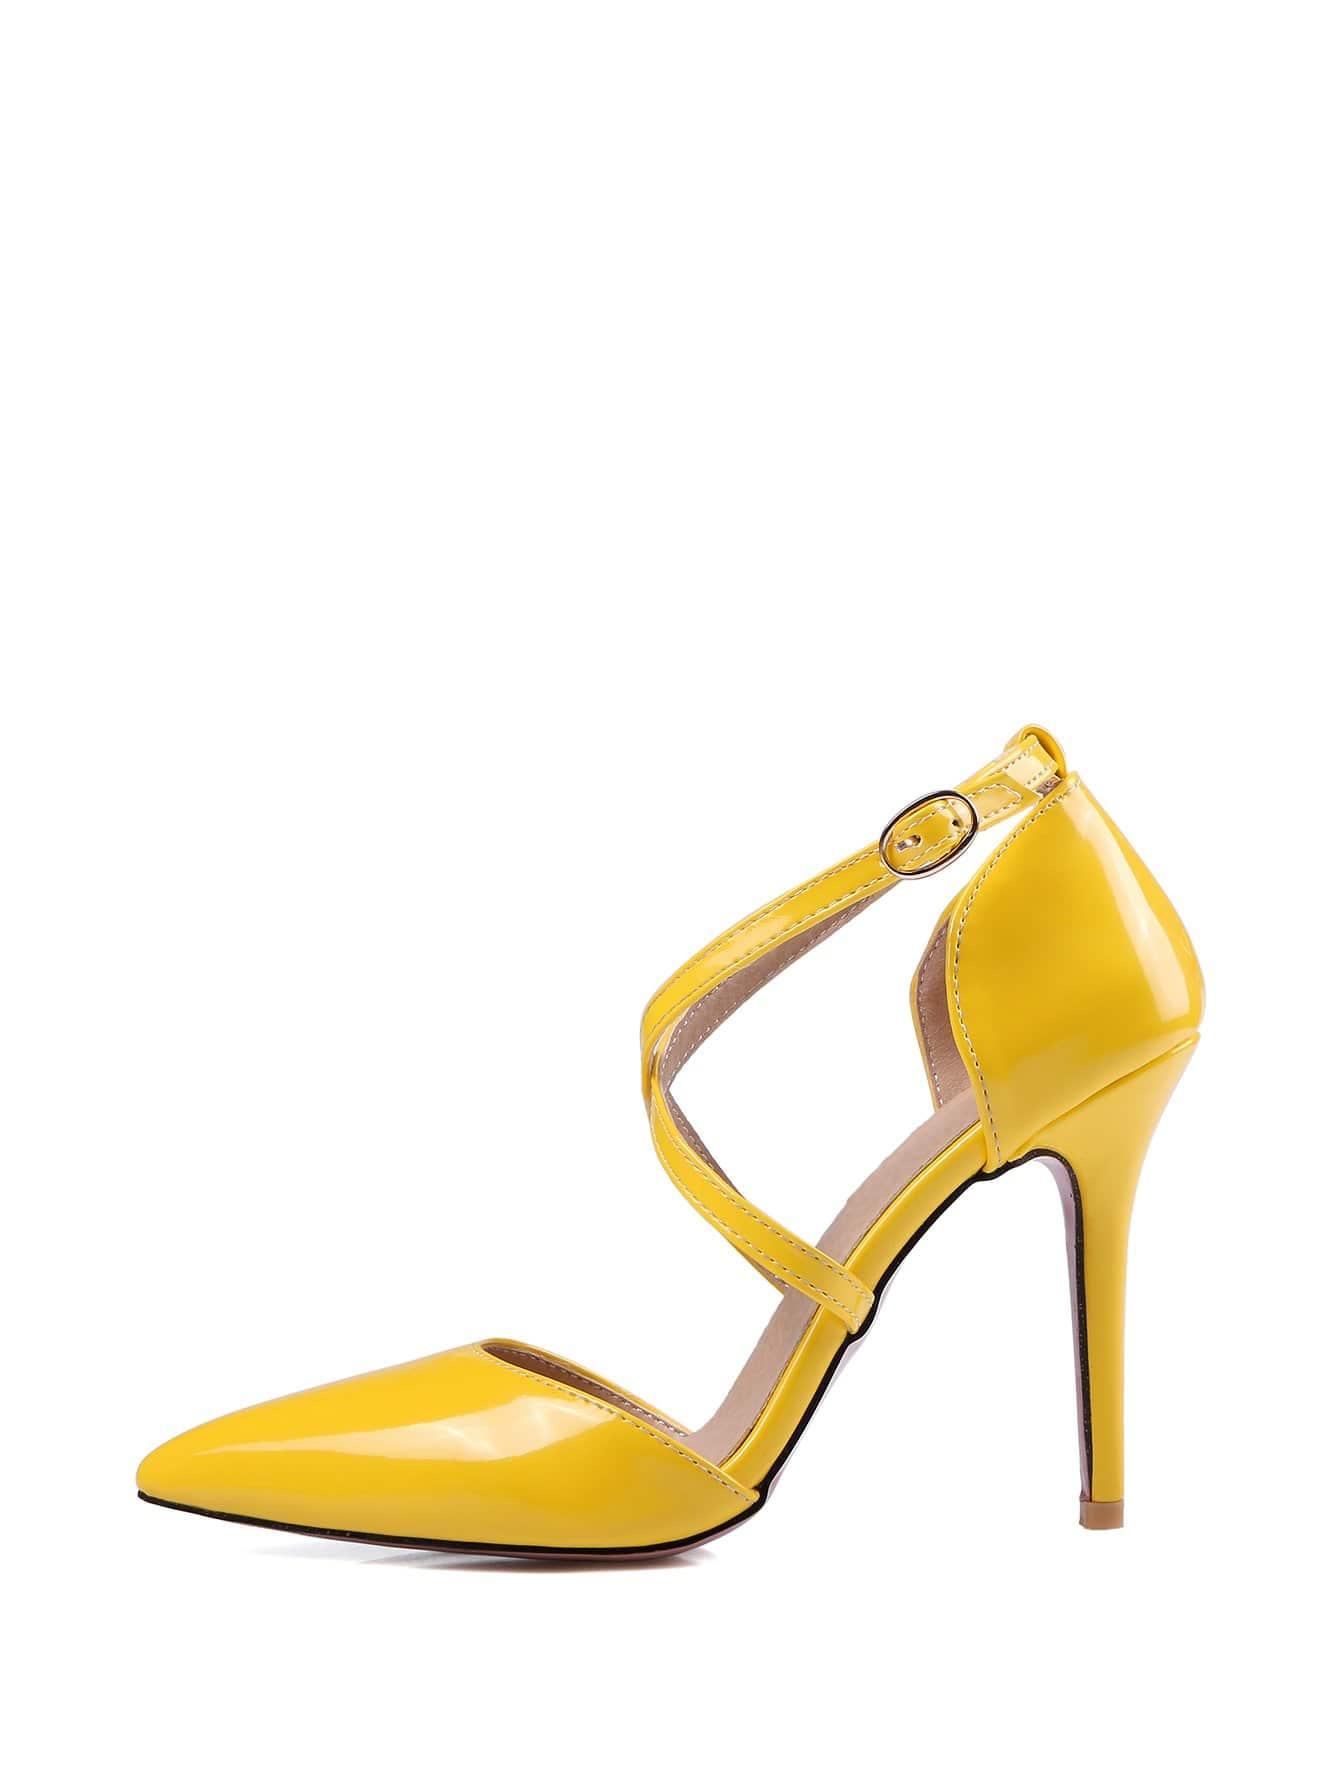 Criss Cross Stiletto Heels women s stylish stiletto heels w rivet party shoes black size 36